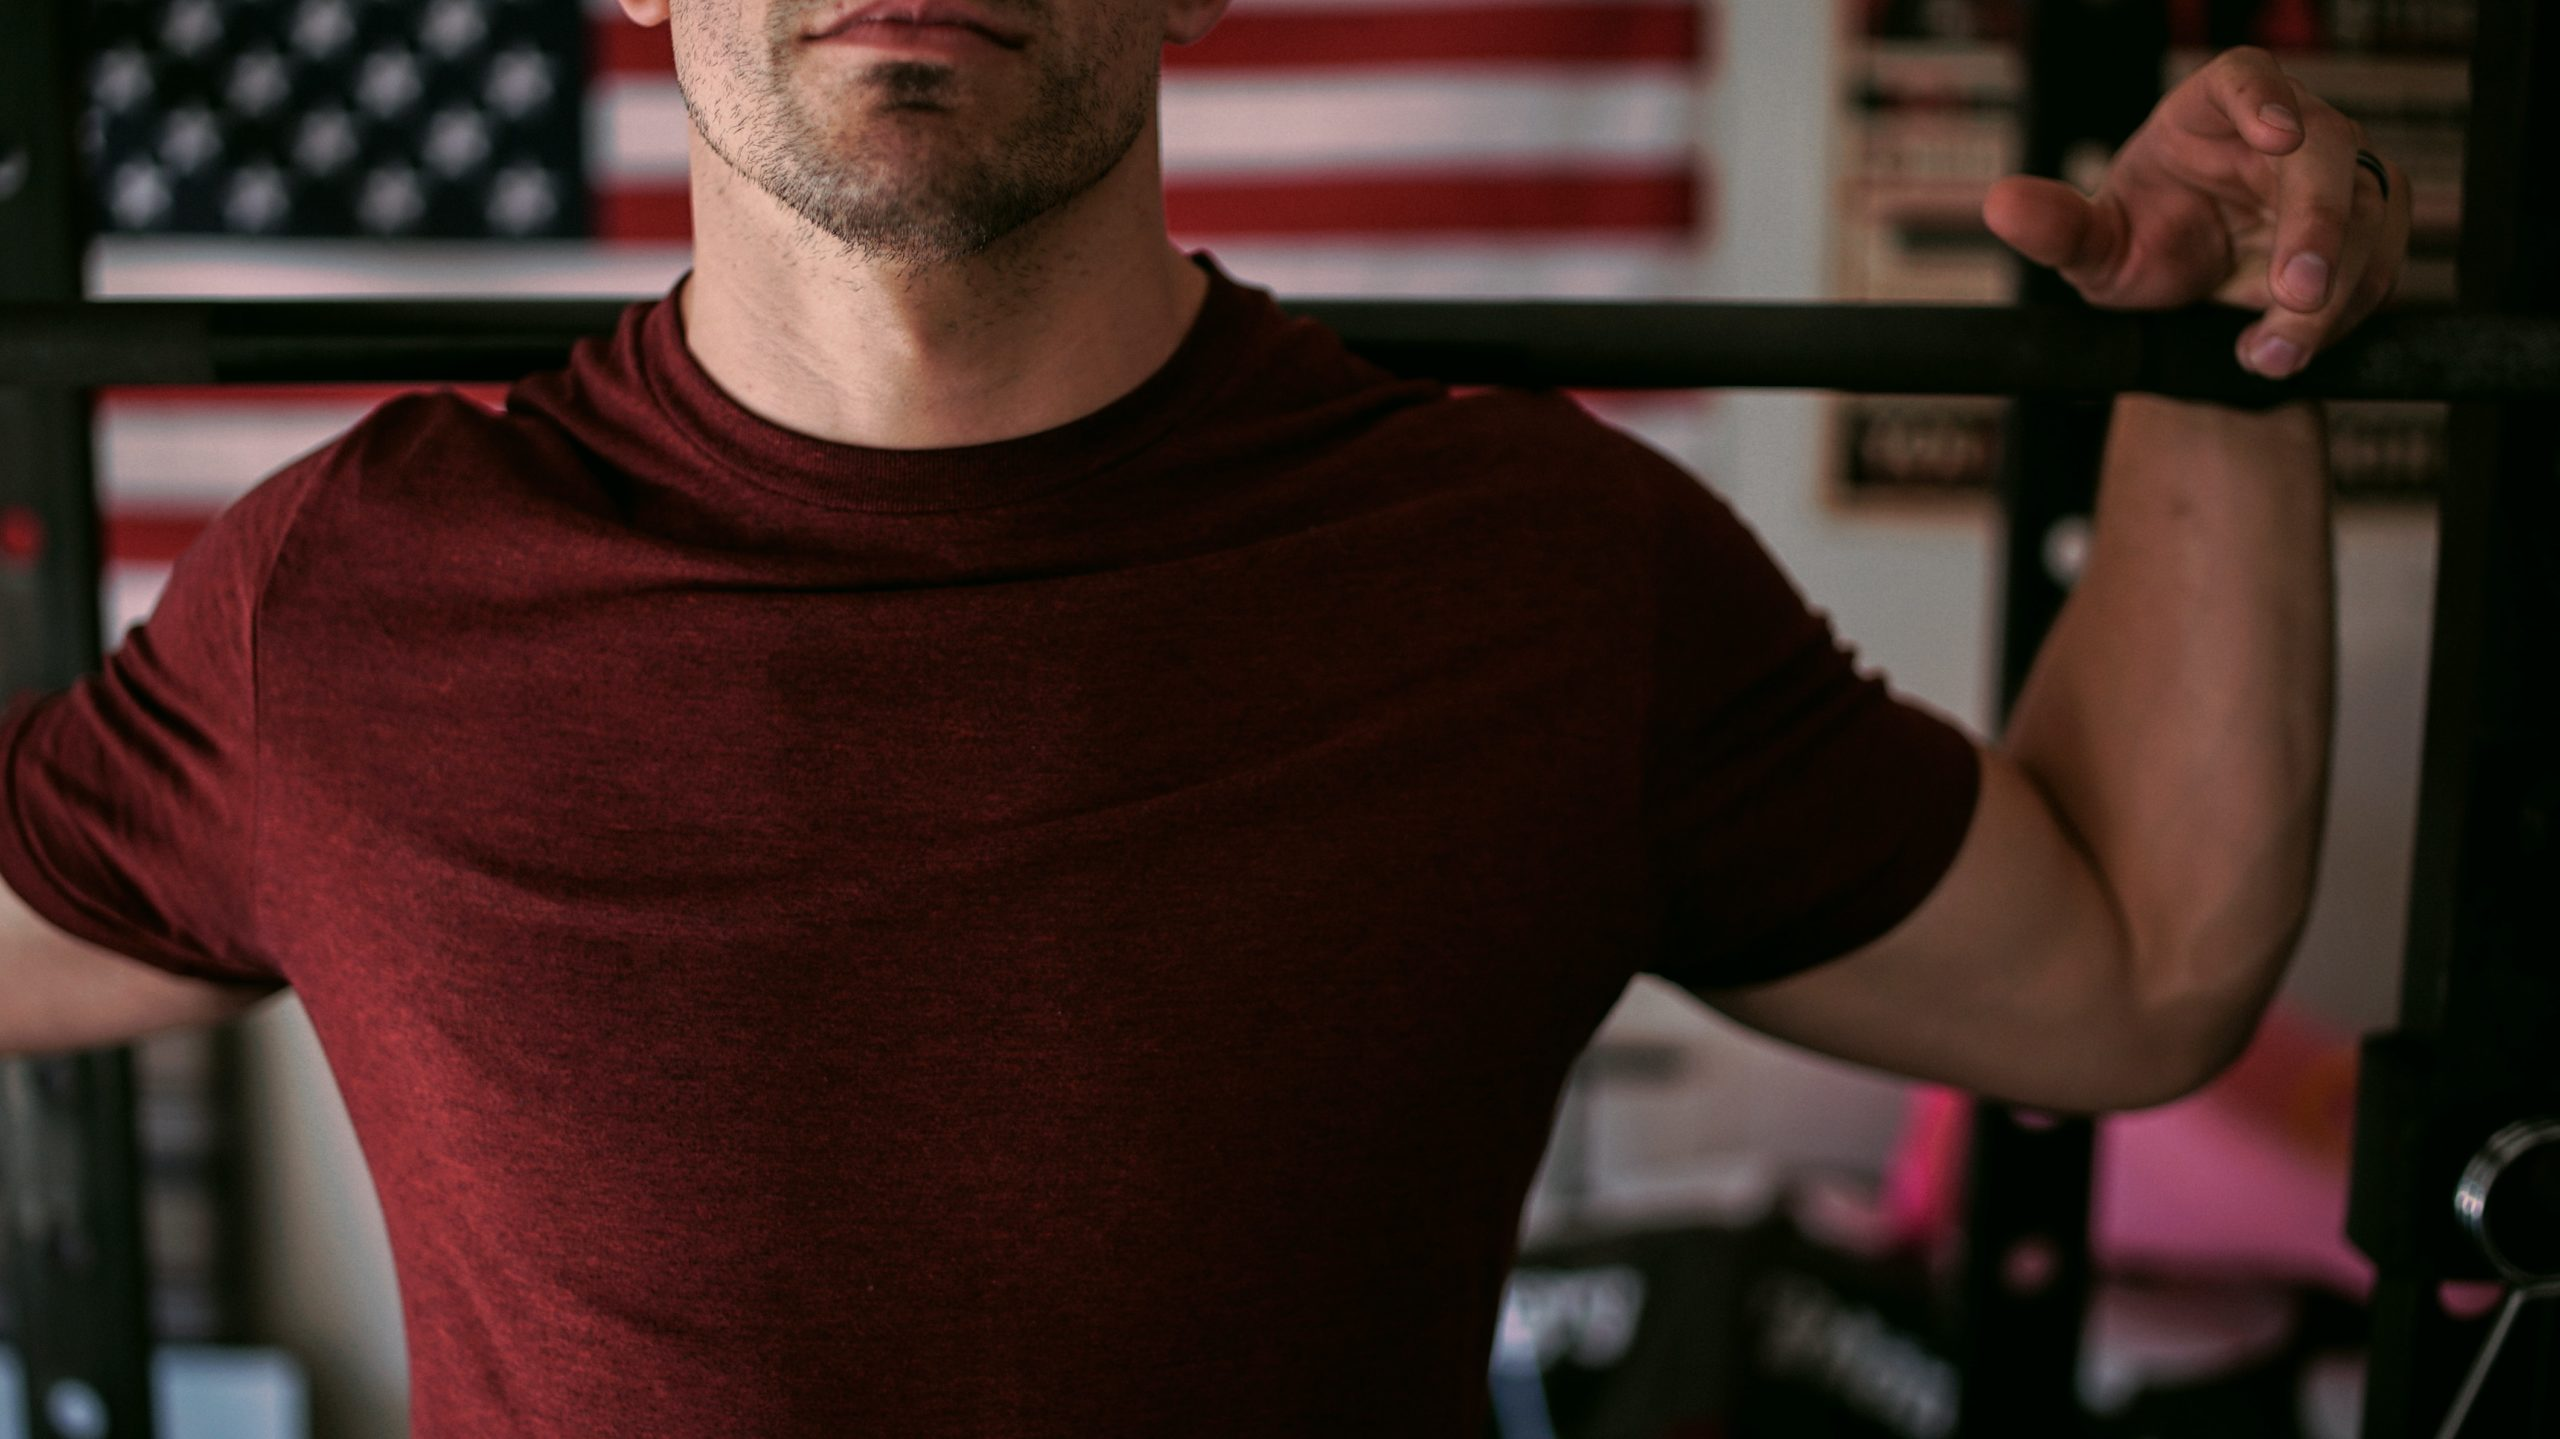 Comment manger pour favoriser la croissance musculaire